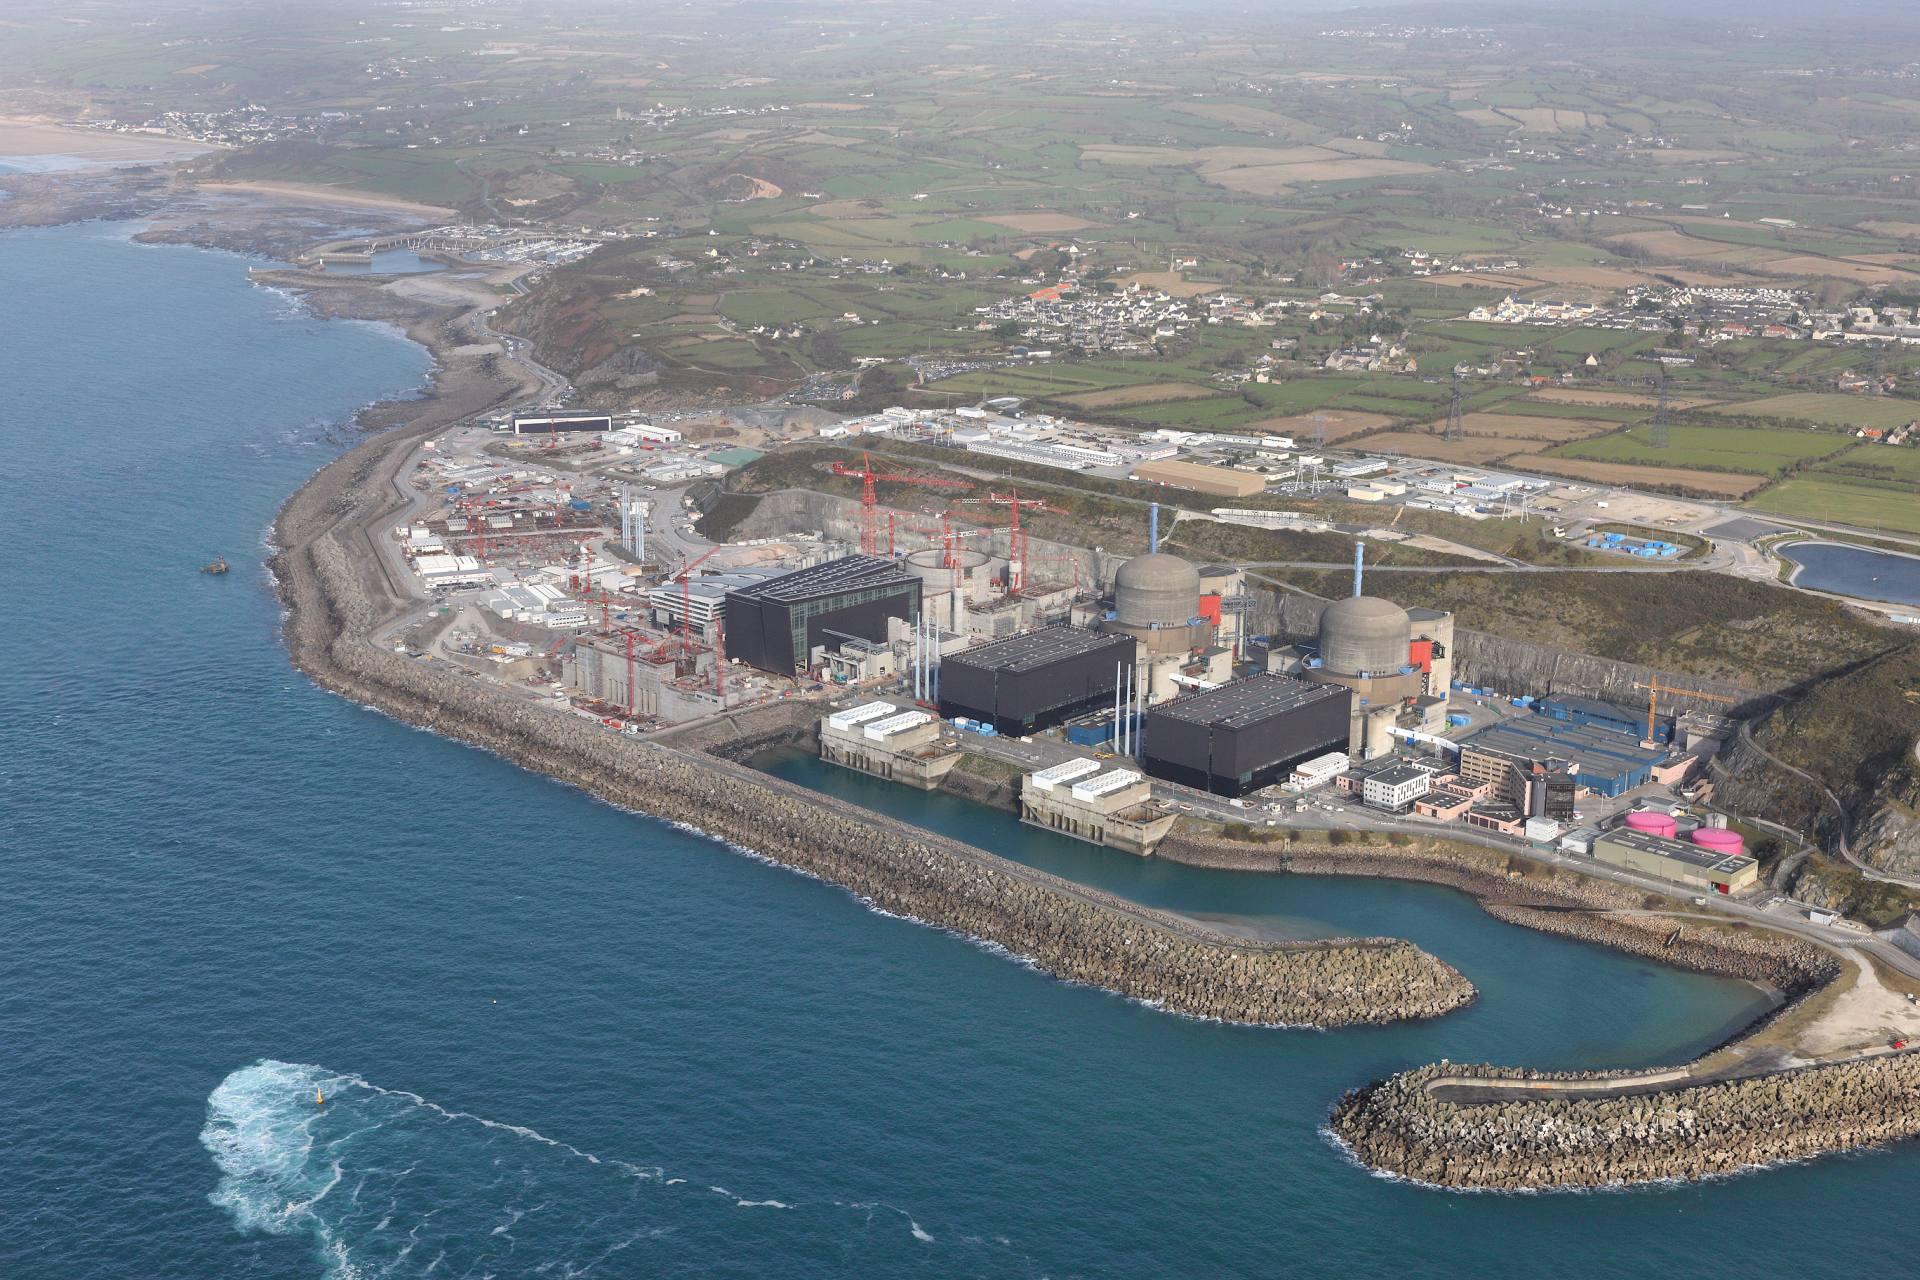 L'innovation au service des déchets nucléaires